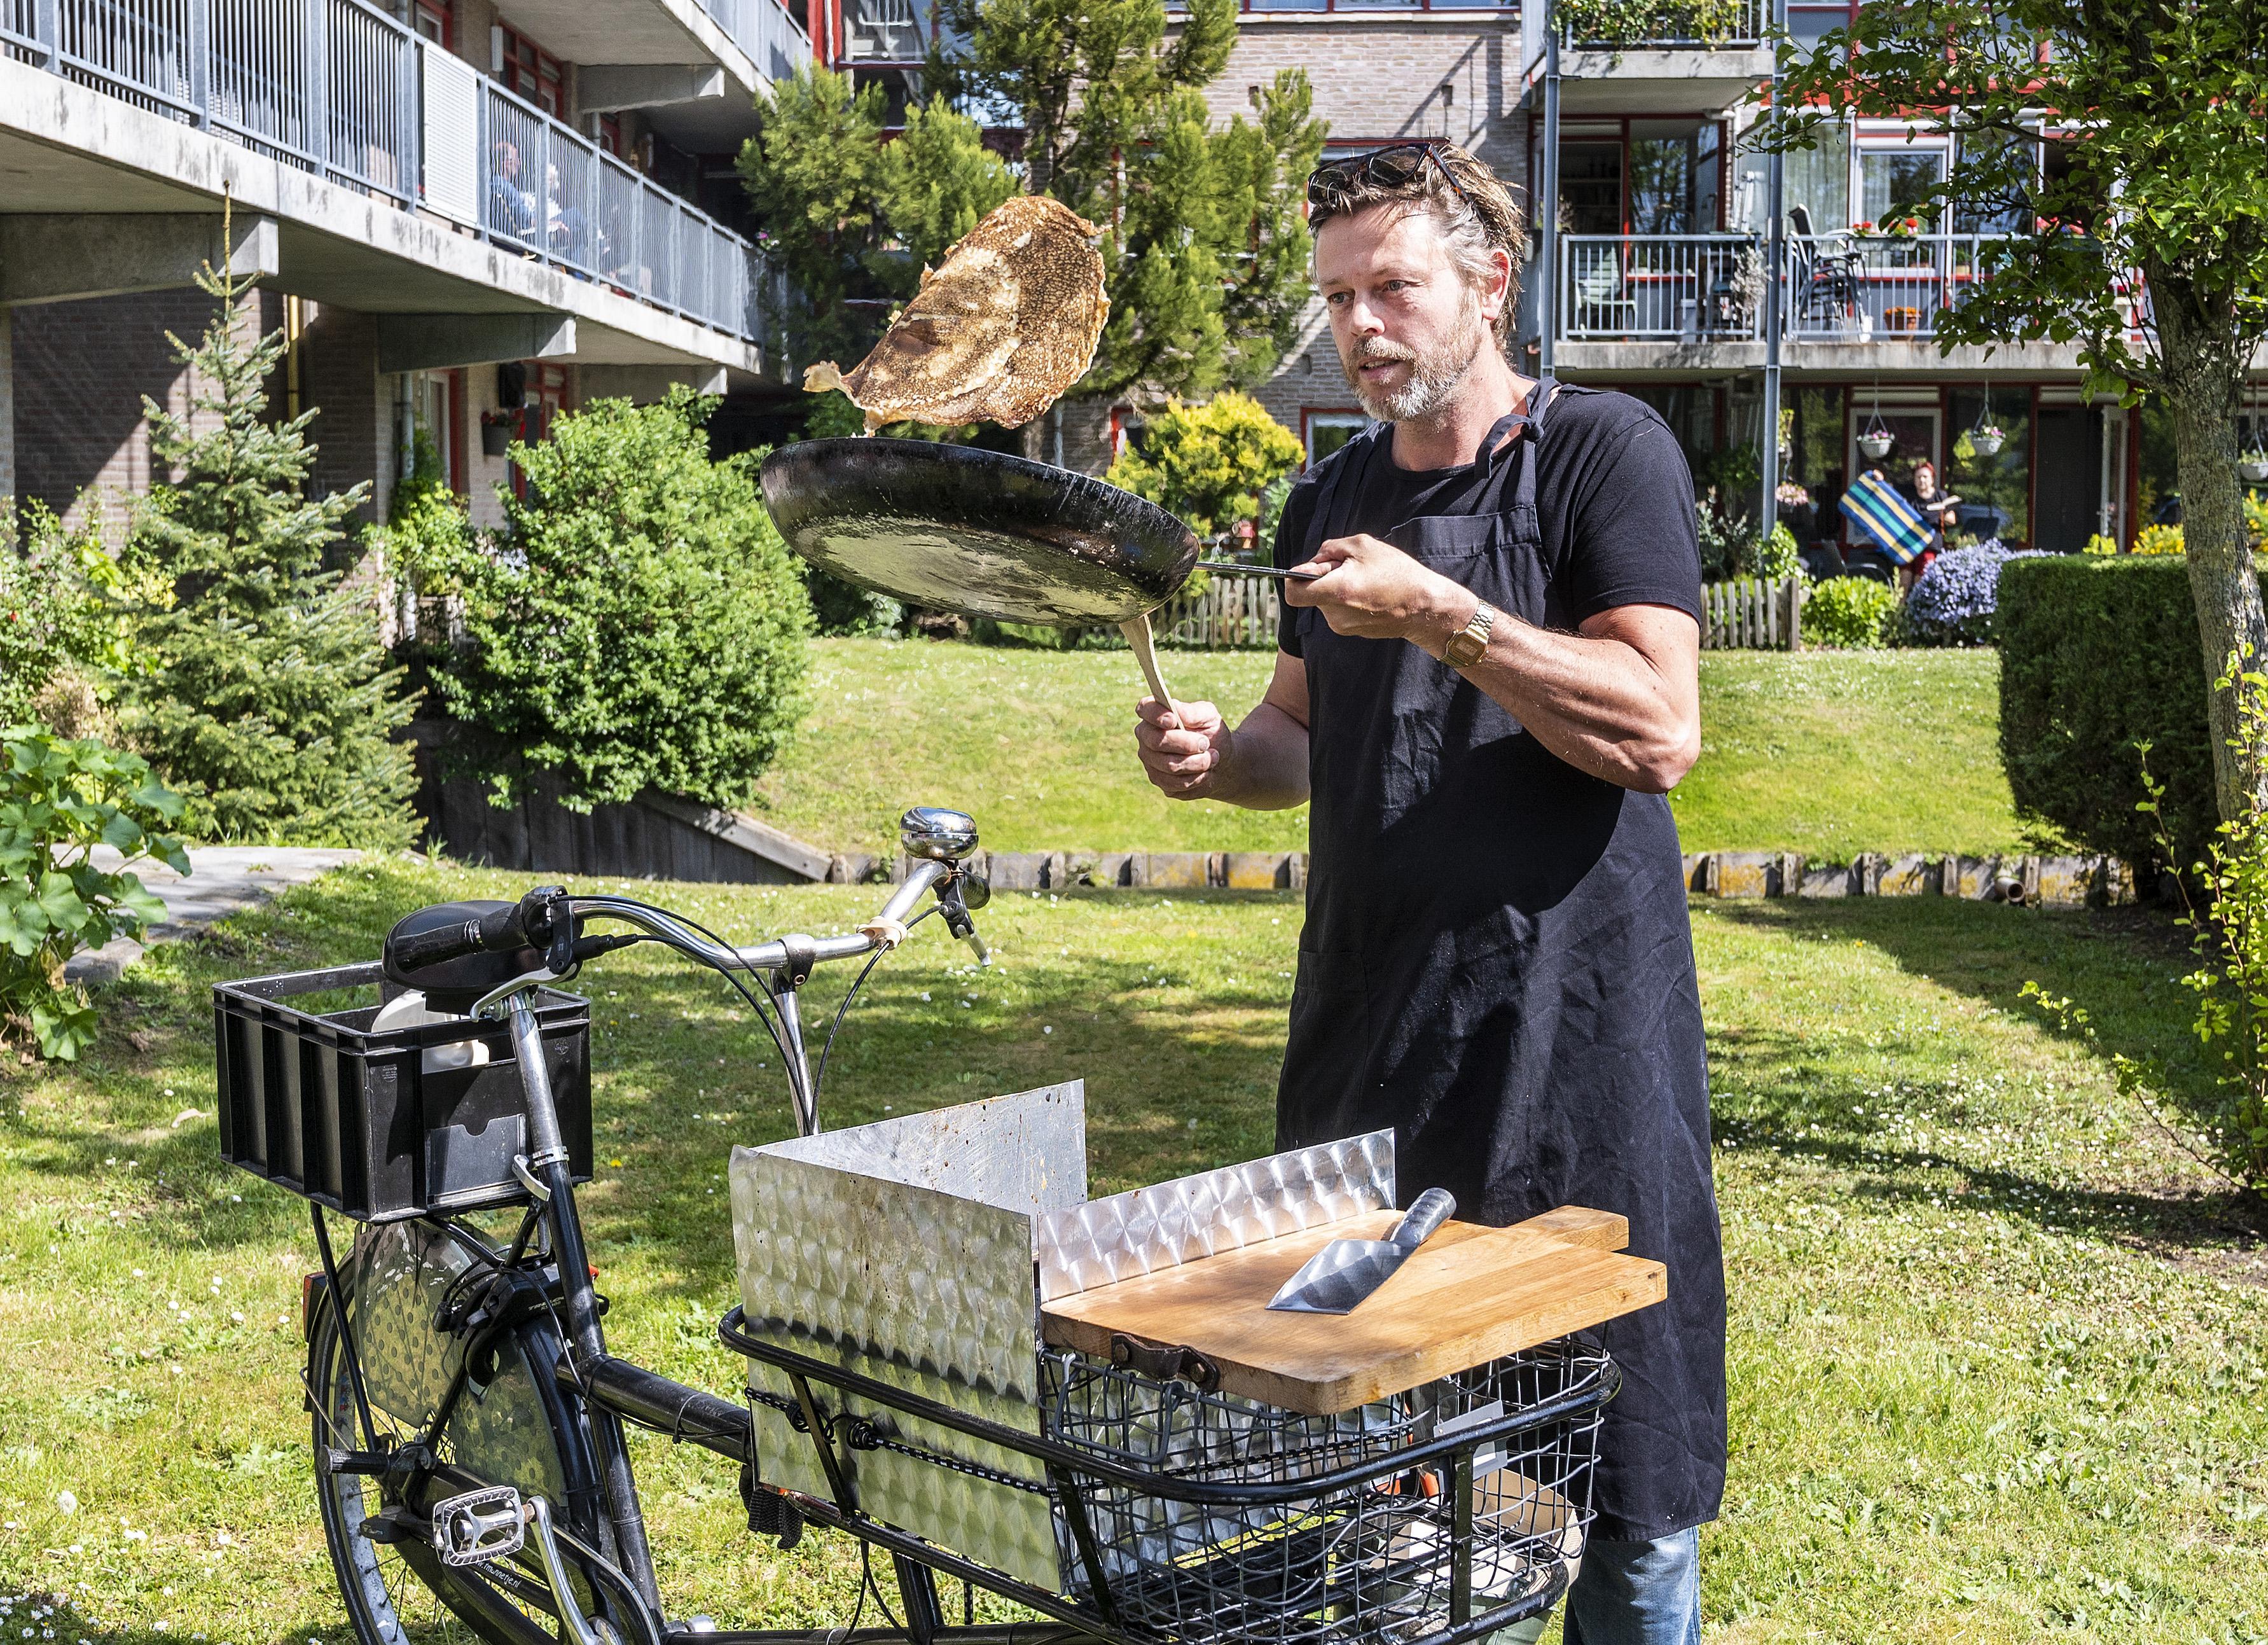 Chef-kok rijdt op pannenkoekenfiets langs senioren met 'haperend brein' in Haarlemse regio